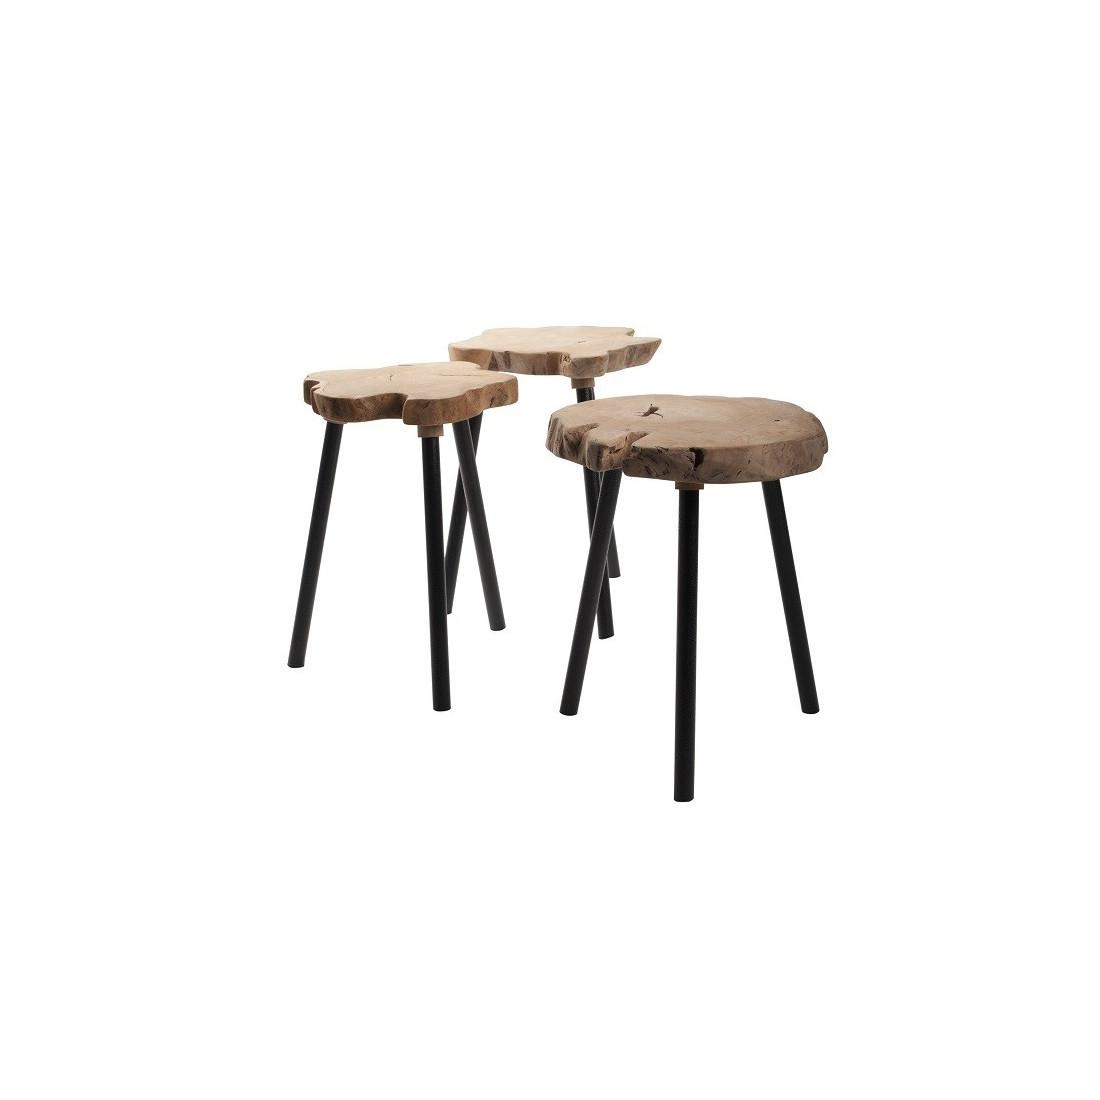 table d 39 appoint plateau tronc en bois brut pieds m tal treetop zuiver r. Black Bedroom Furniture Sets. Home Design Ideas